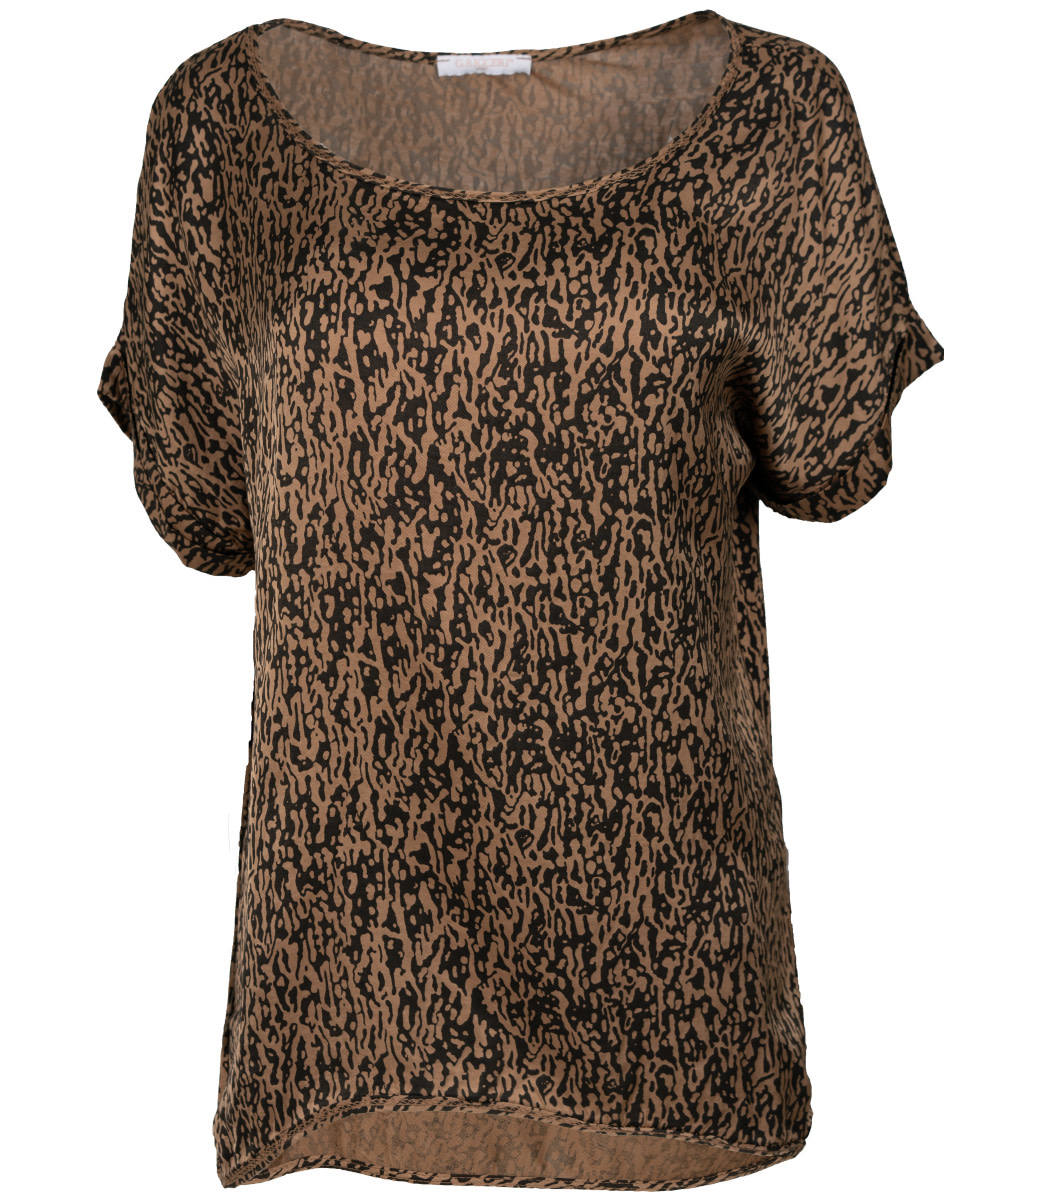 Gemma Ricceri Shirt camel print Silk touch